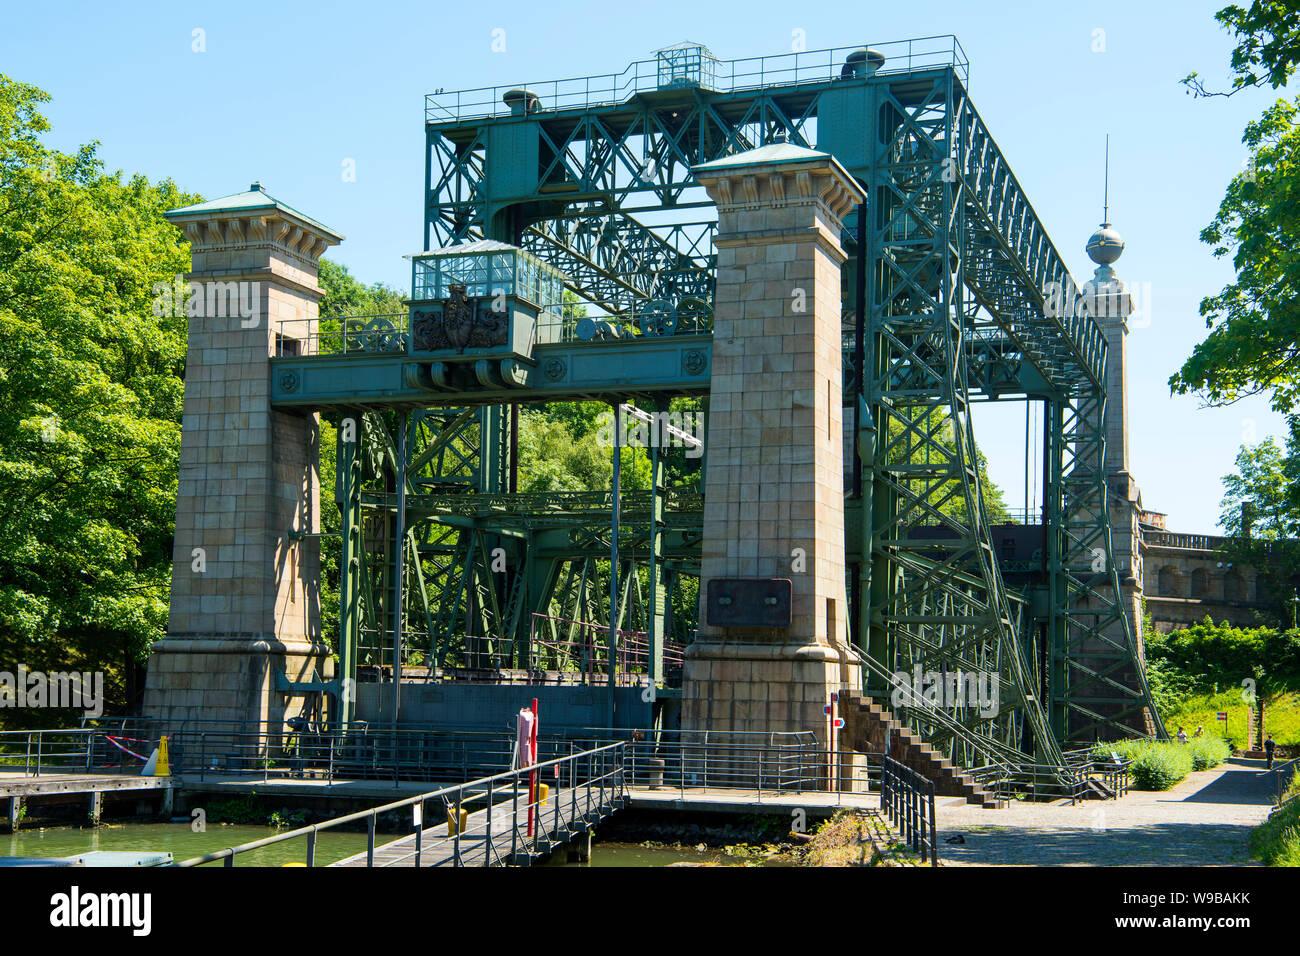 Deutschland, Ruhrgebiet, Kreis_Recklinghausen, Henrichenburg, Altes Schiffshebewerk (Ansicht von Westen) Stock Photo